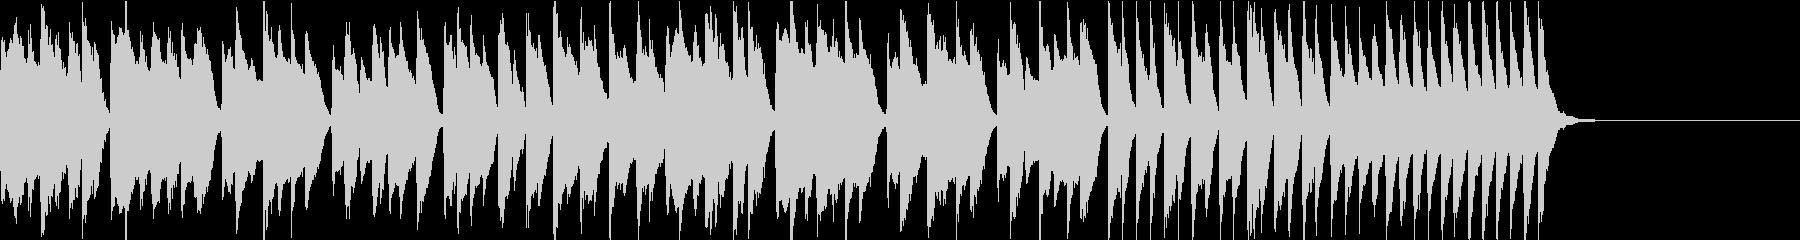 子供 ペット わんぱくカワイイ ピアノ曲の未再生の波形